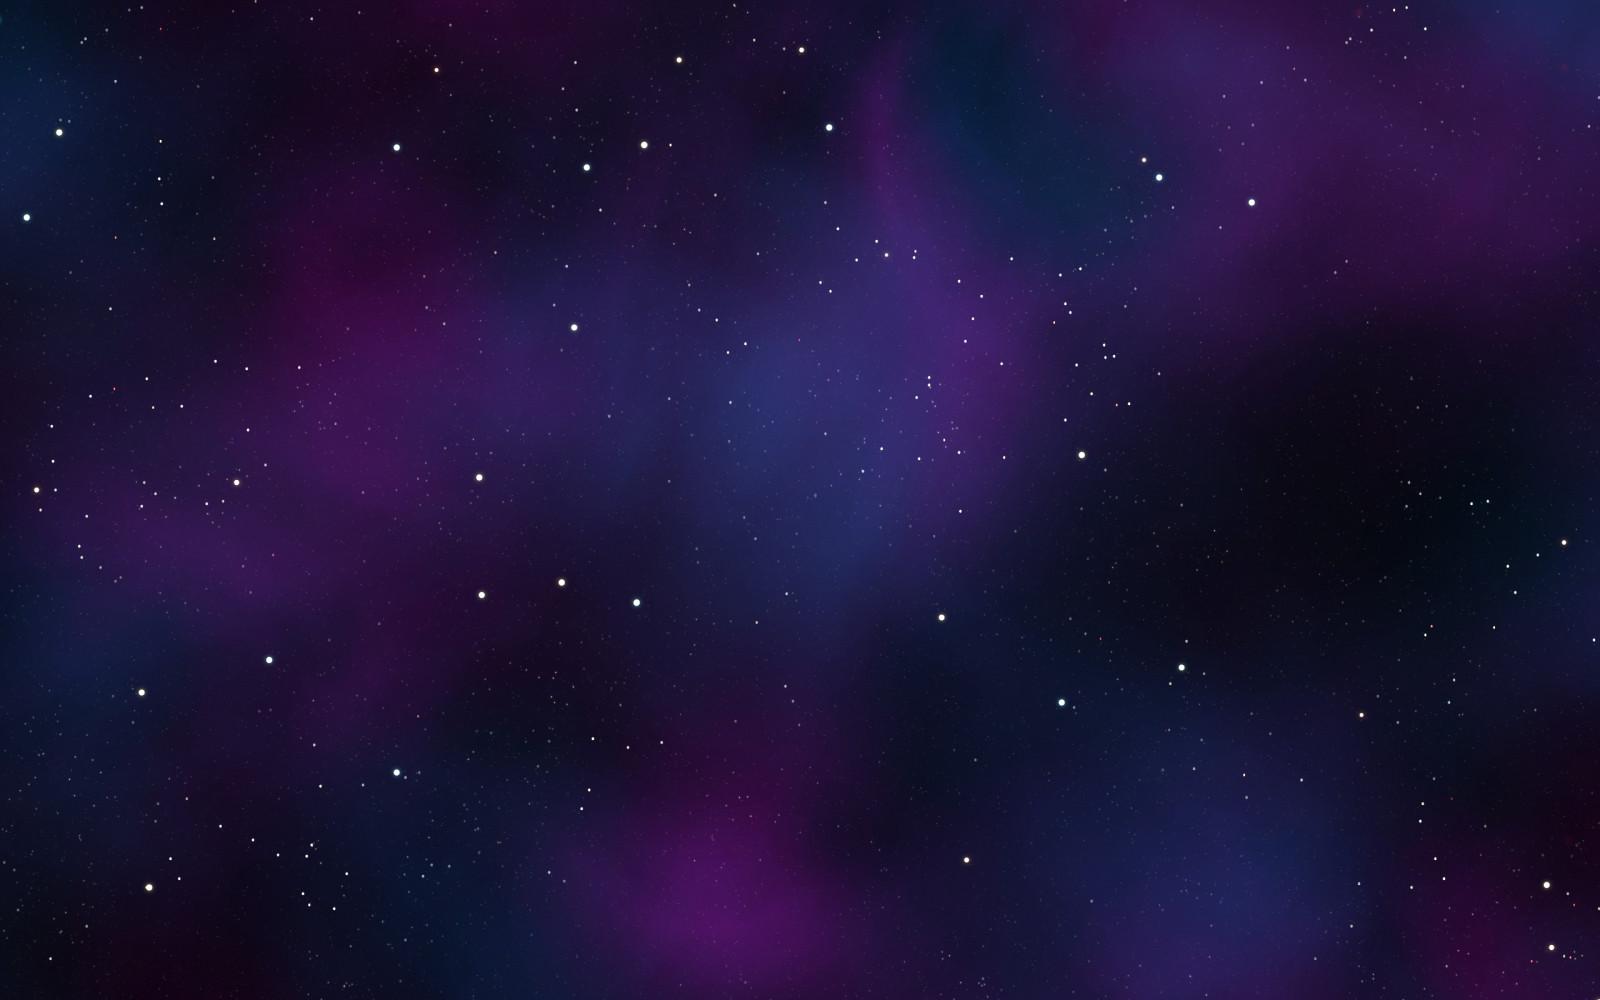 Wallpaper Malam Ruang Langit Nebula Suasana Fajar Cahaya